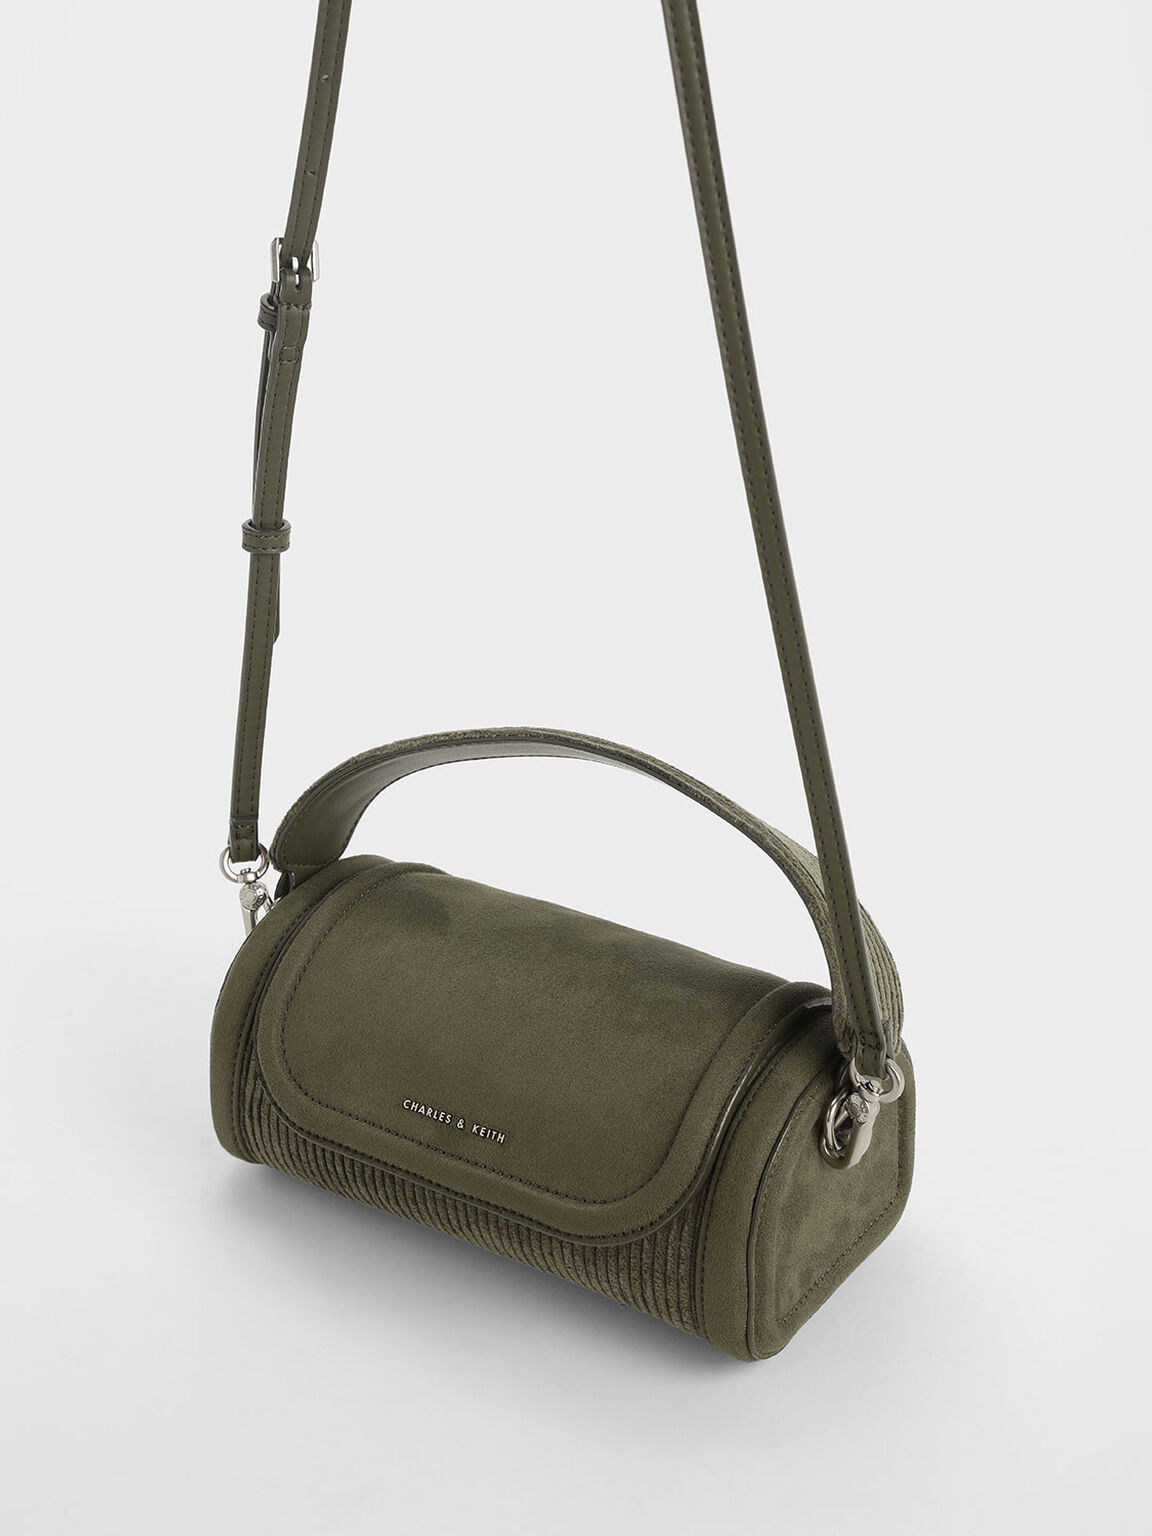 燈芯絨迷你手提包, 橄欖色, hi-res